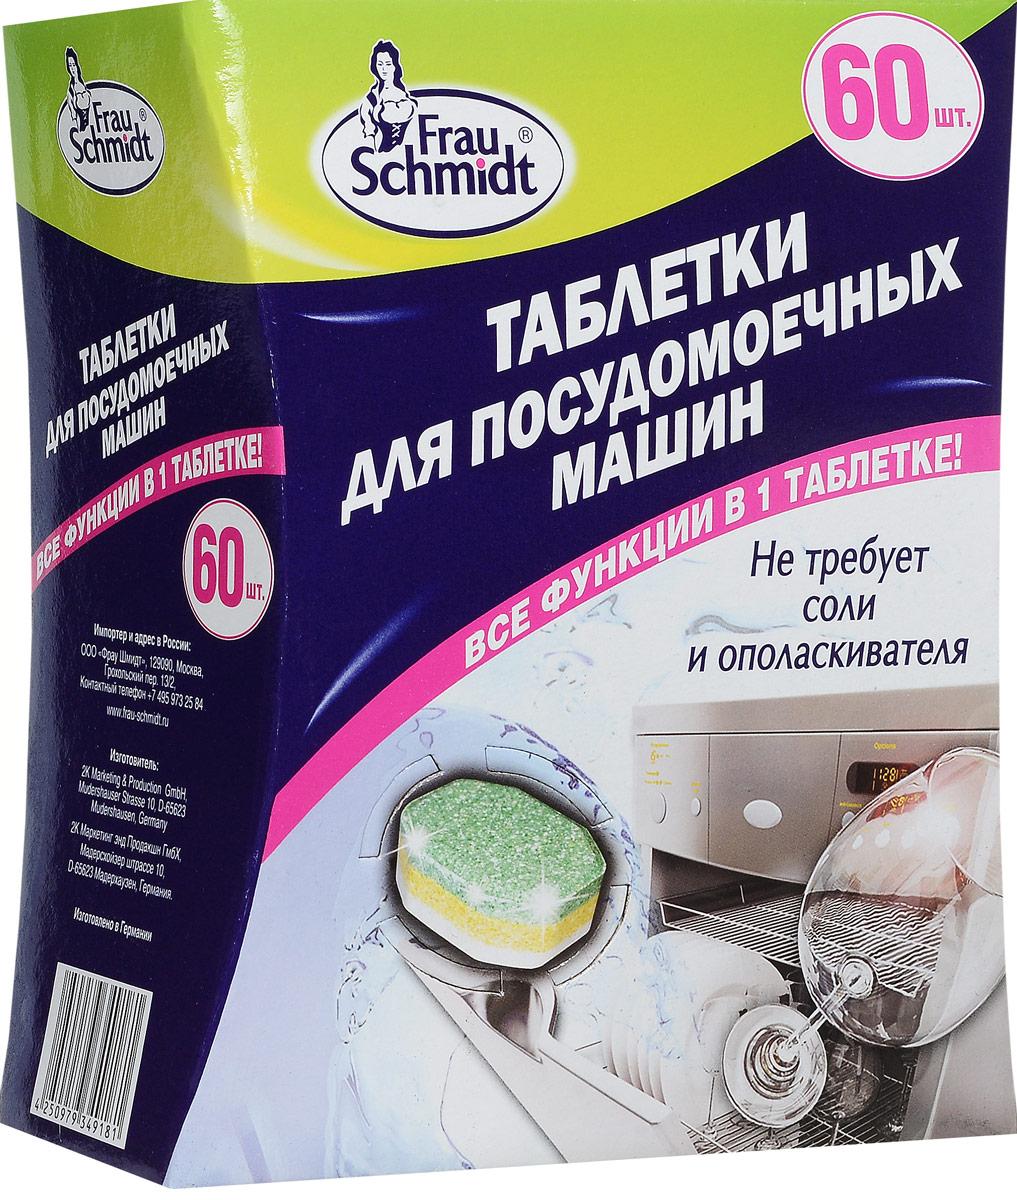 Таблетки для посудомоечной машины Frau Schmidt Все в одном, 60 шт4918000Таблетки для посудомоечной машины Frau Schmidt Все в одном эффективно удаляют жир и нейтрализуют запах. Таблетки защищают посудомоечную машину от известковых отложений и эффективны при низких температурах. Средство не оставляет пятен и разводов, удаляет пятна от чая и кофе. Обеспечивает защиту и блеск стекла, серебра и нержавеющей стали. Таблетки не требуют добавления соли и ополаскивателя. Состав: фосфаты, кислородосодержащие отбеливающие вещества, неионные ПАВы, поликарбоксилаты, фосфонаты, энзимы, отдушка. Товар сертифицирован.